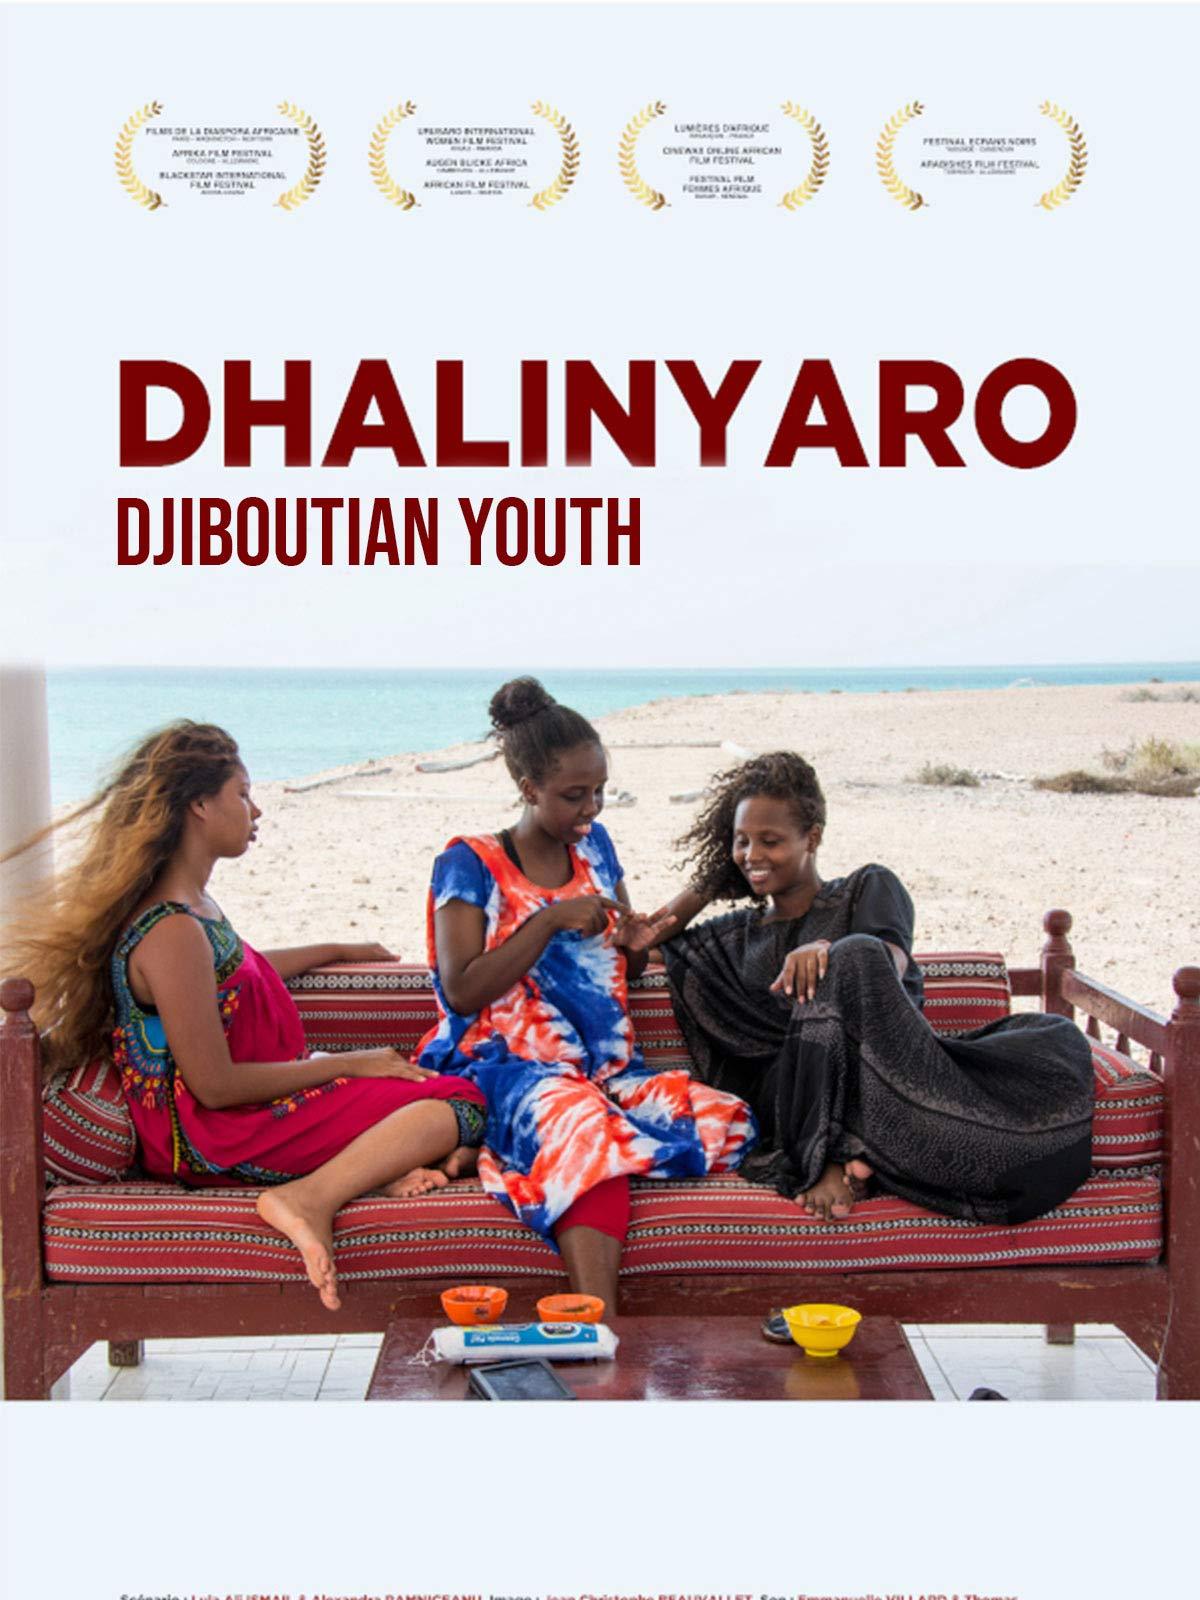 Dhalinyaro: Djiboutian youth